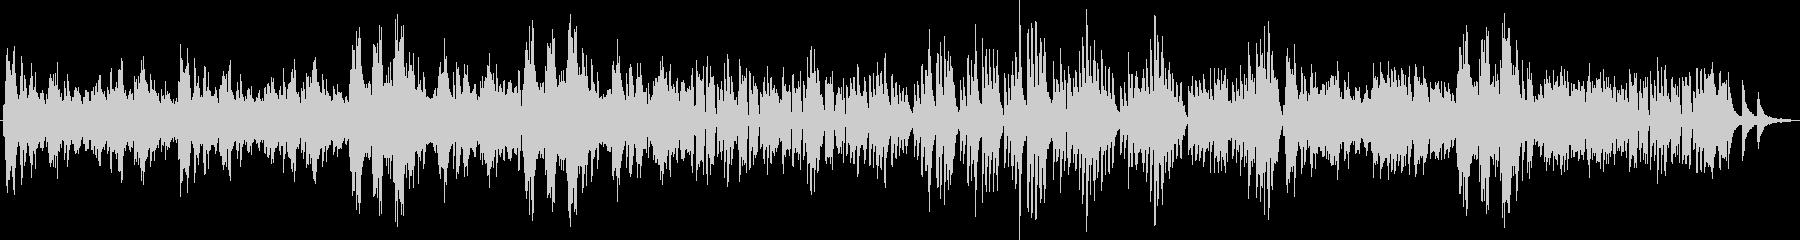 スラブ舞曲 ピアノ連弾の未再生の波形